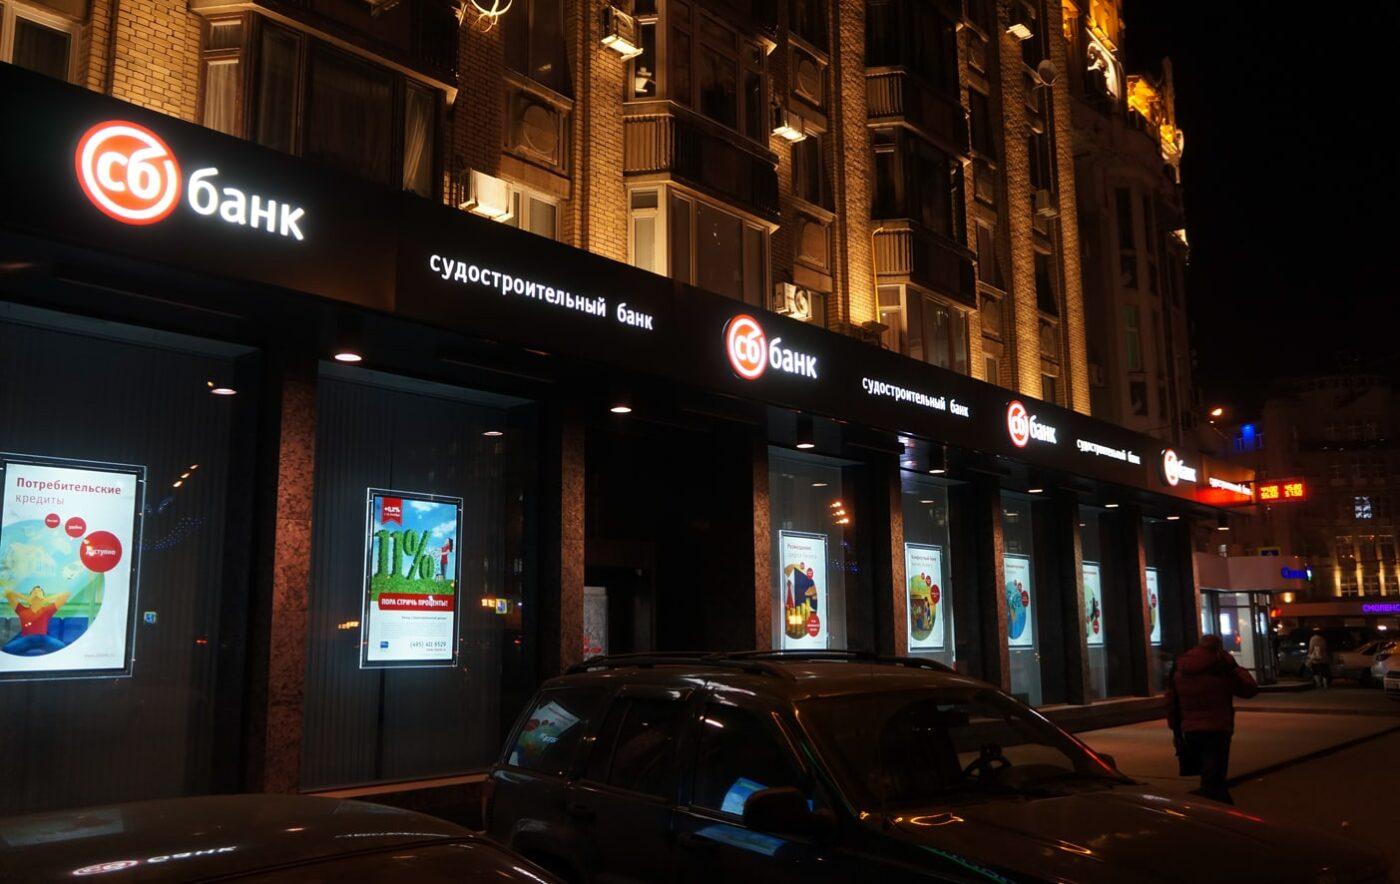 световая вывеска кредитной организации